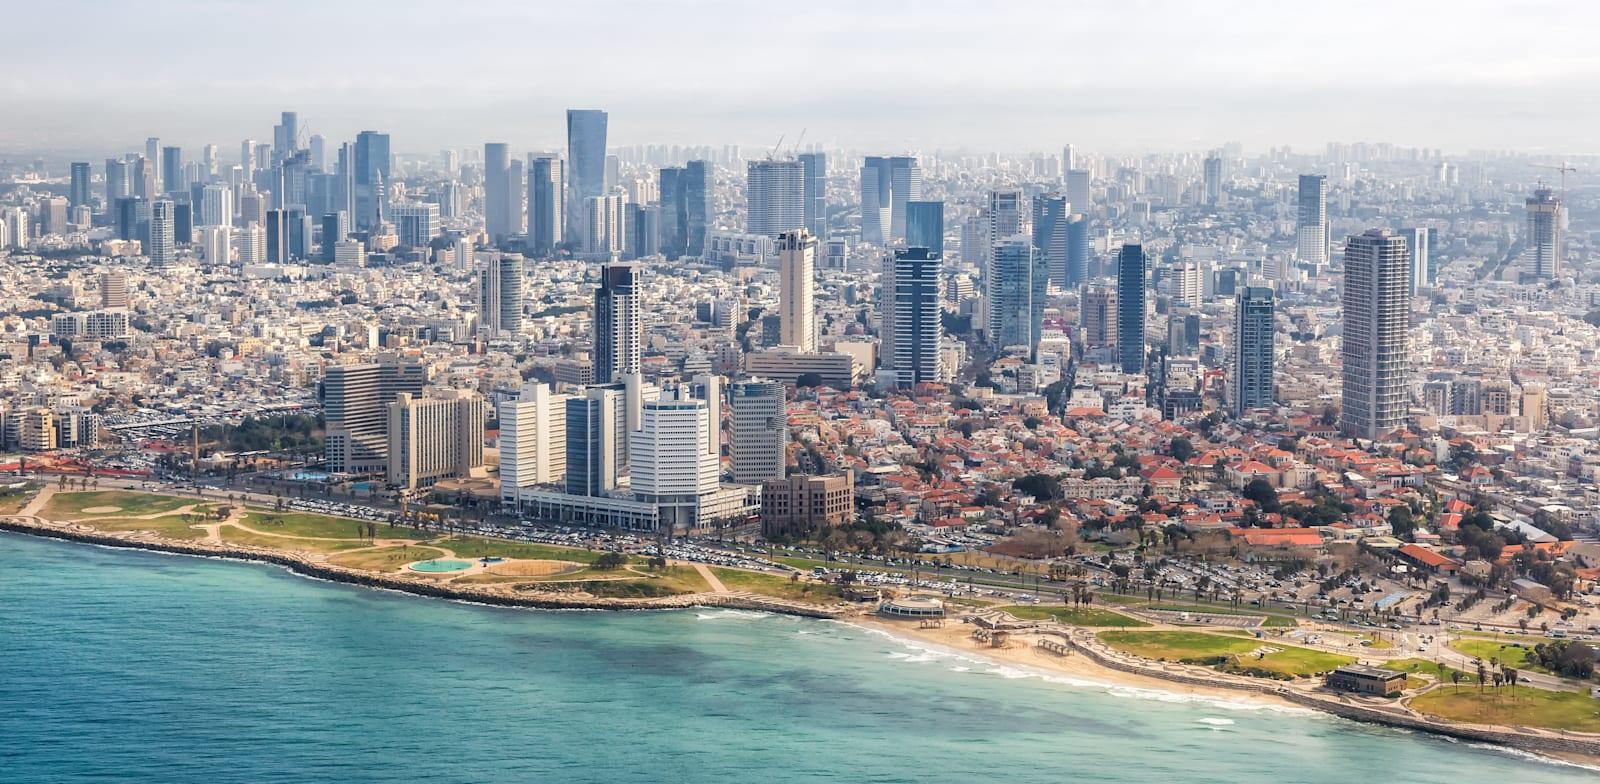 Tel Aviv Photo: Shutterstock